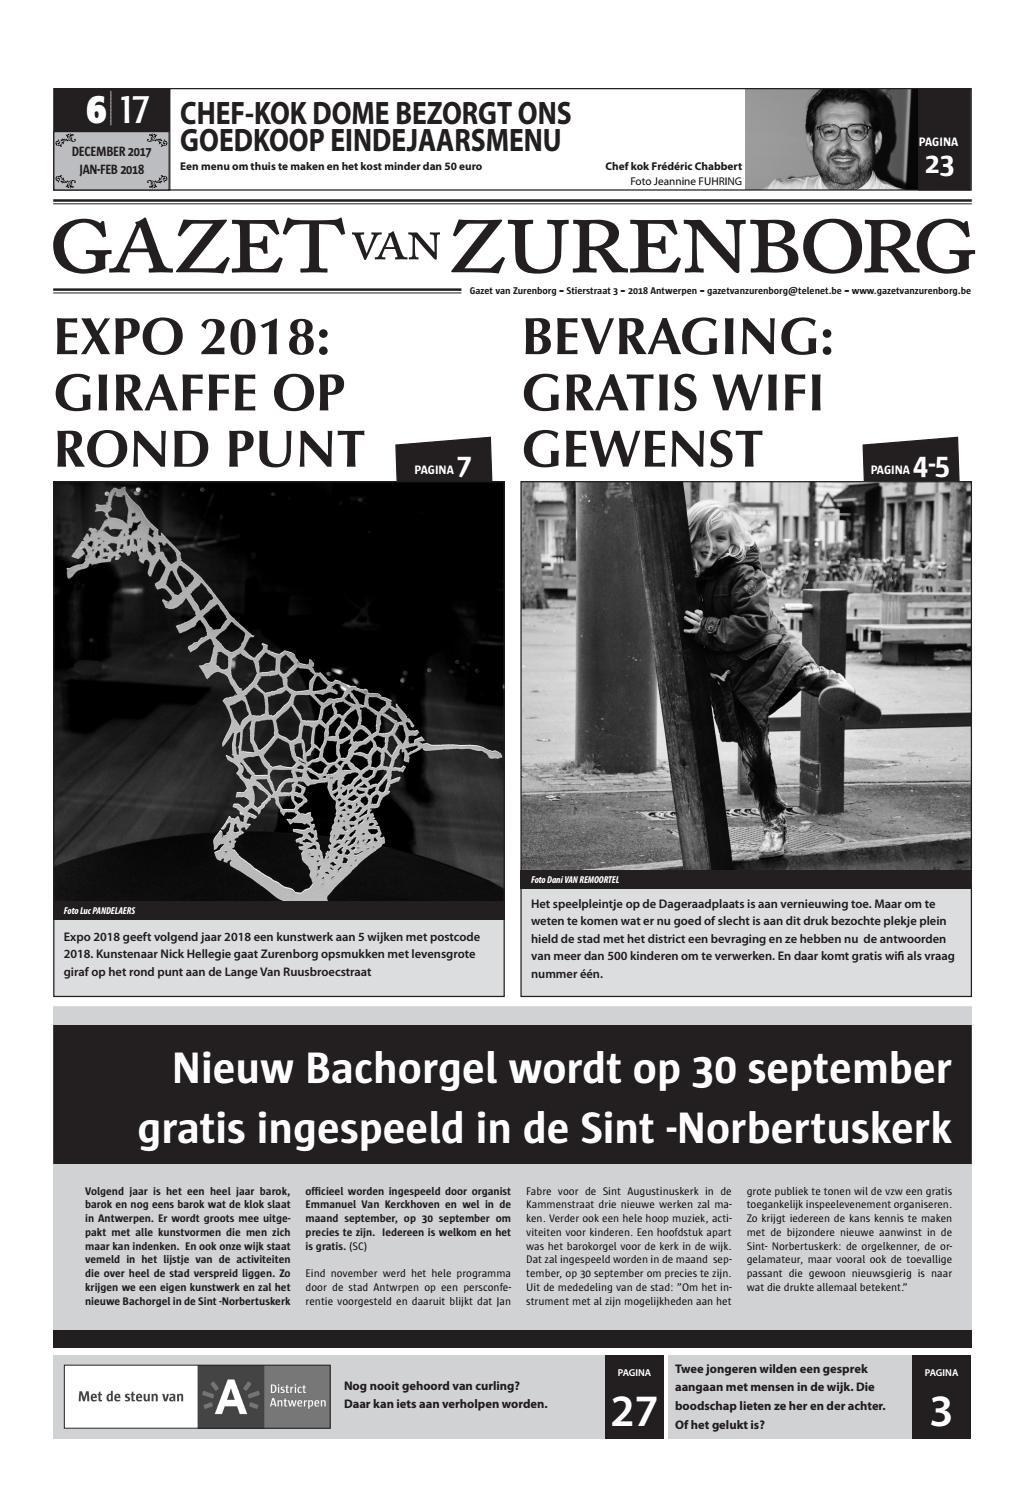 Gazet van Zurenborg 2017 Editie 6 by Gazet van Zurenborg - issuu